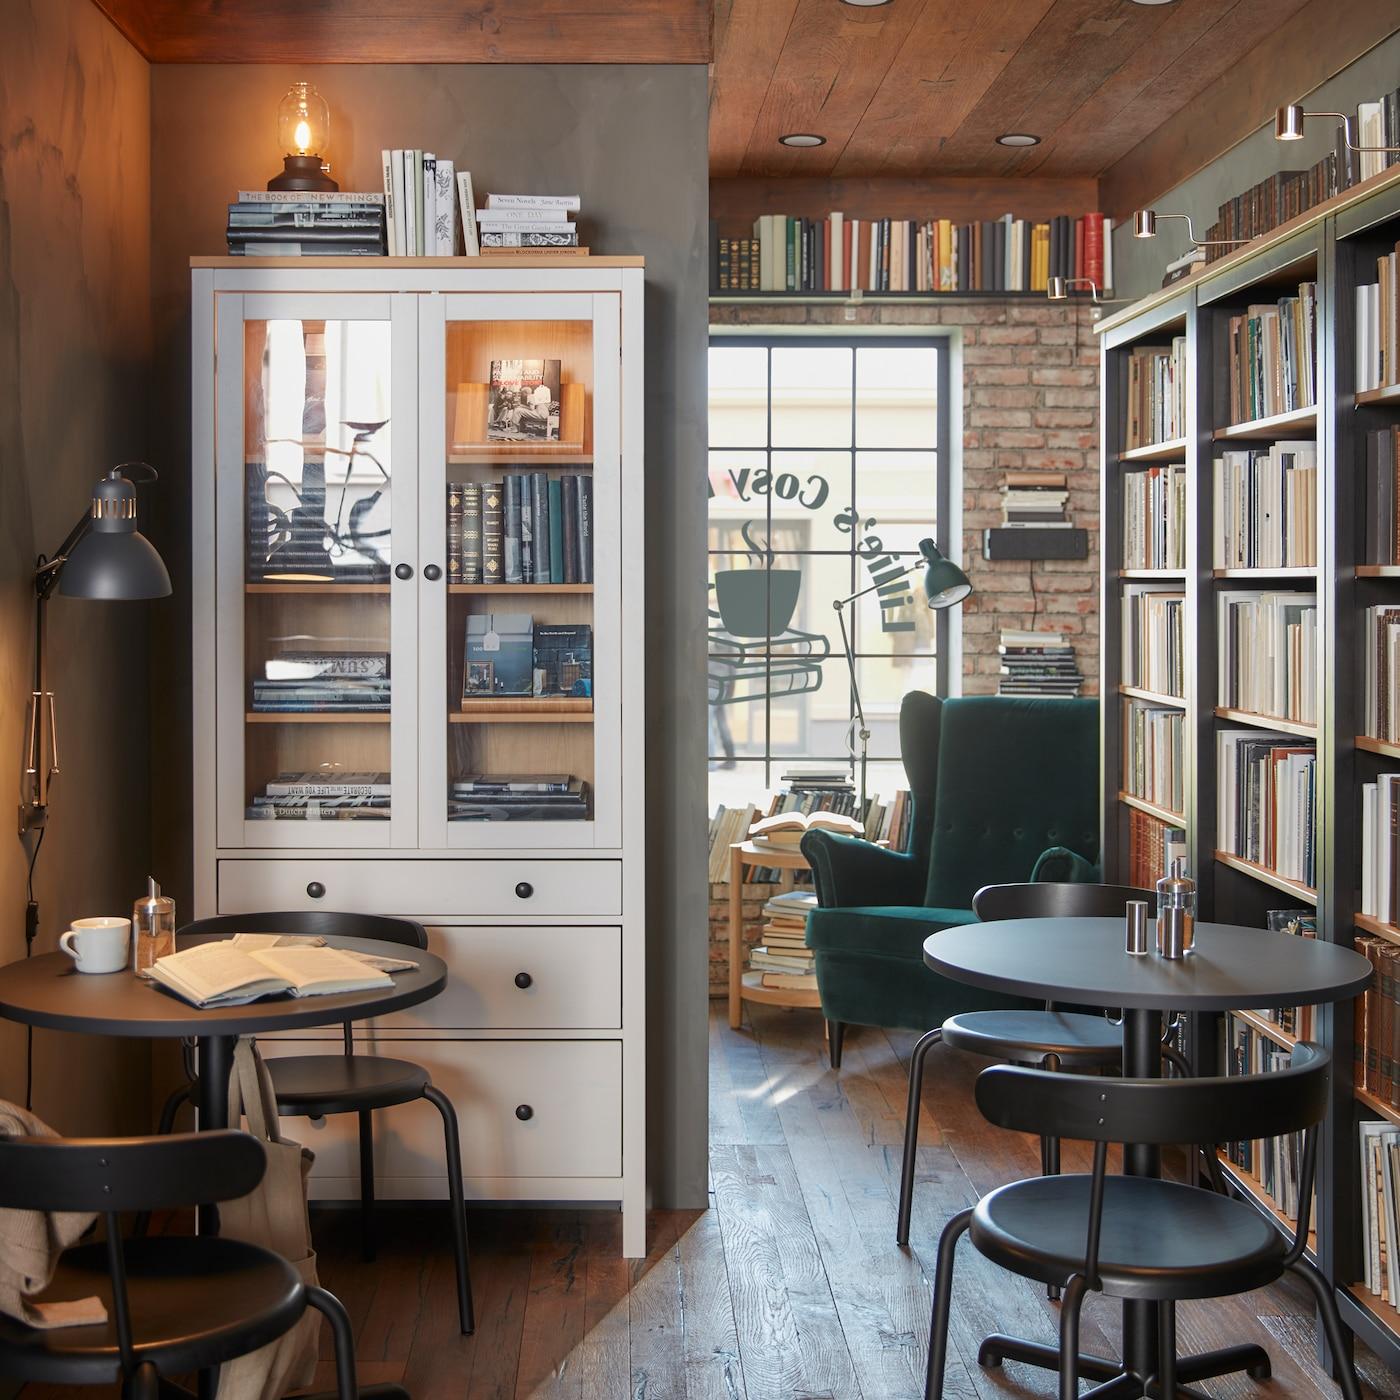 Café mit Cafémöbeln und großen Bücherausstellungen in Bücherschränken, Scheinwerfern und einem Sessel mit hoher Rückenlehne aus grünem Samt.